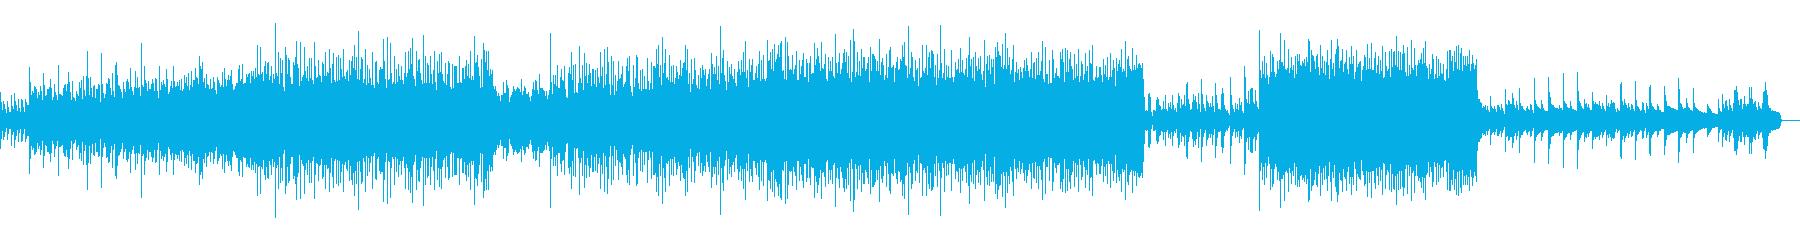 温かいメロディの祝福ストリングスポップの再生済みの波形